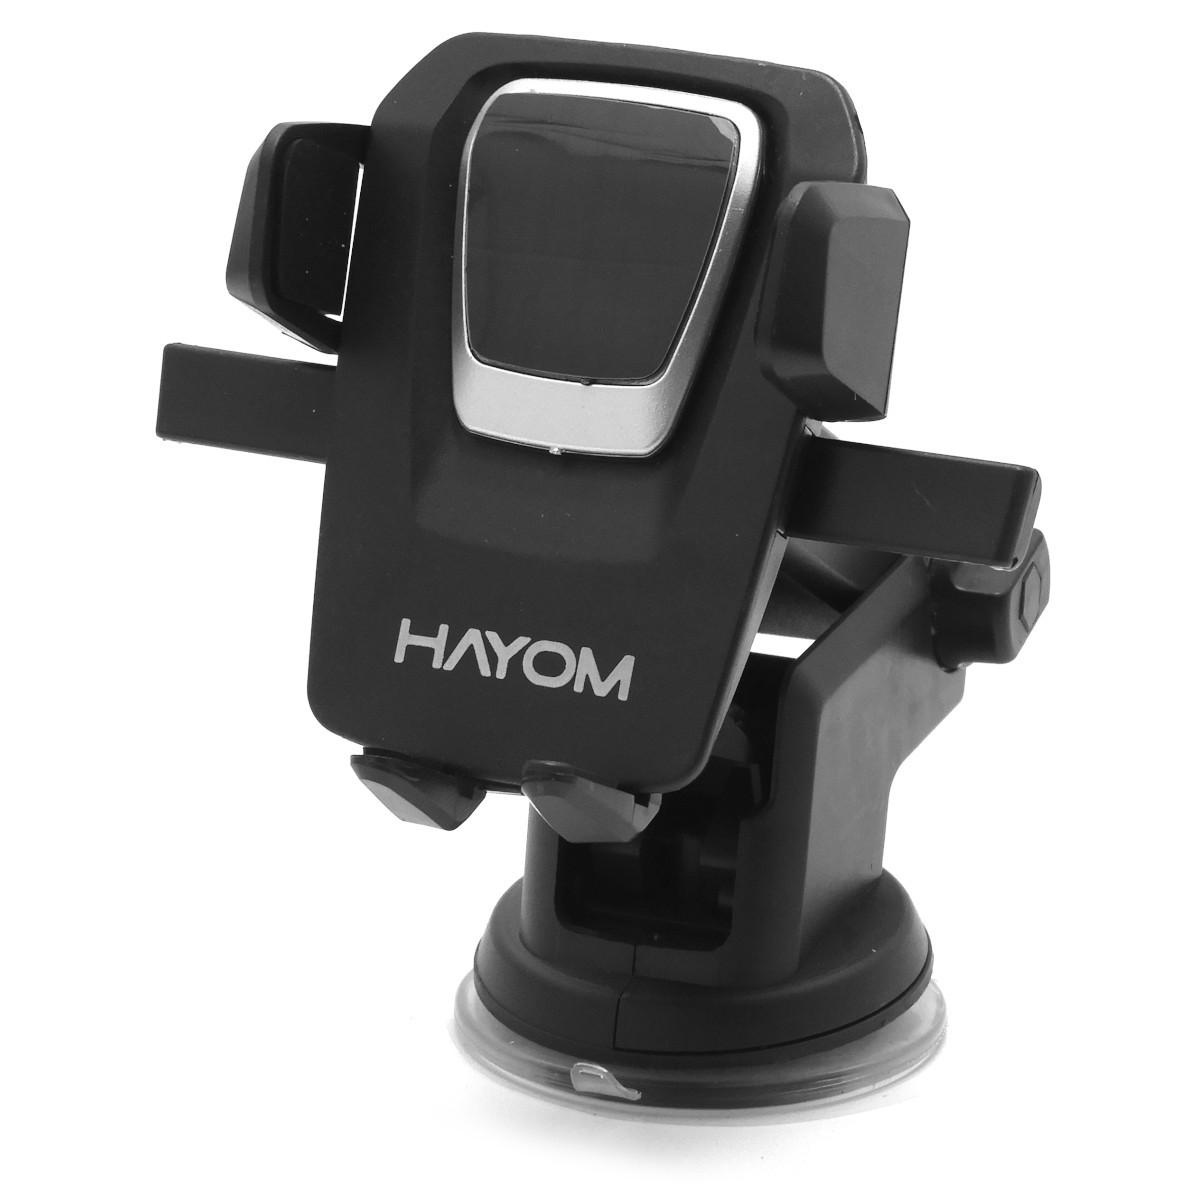 Suporte Veicular Universal para Celulares Gps Trava Automática Hayom SV3101